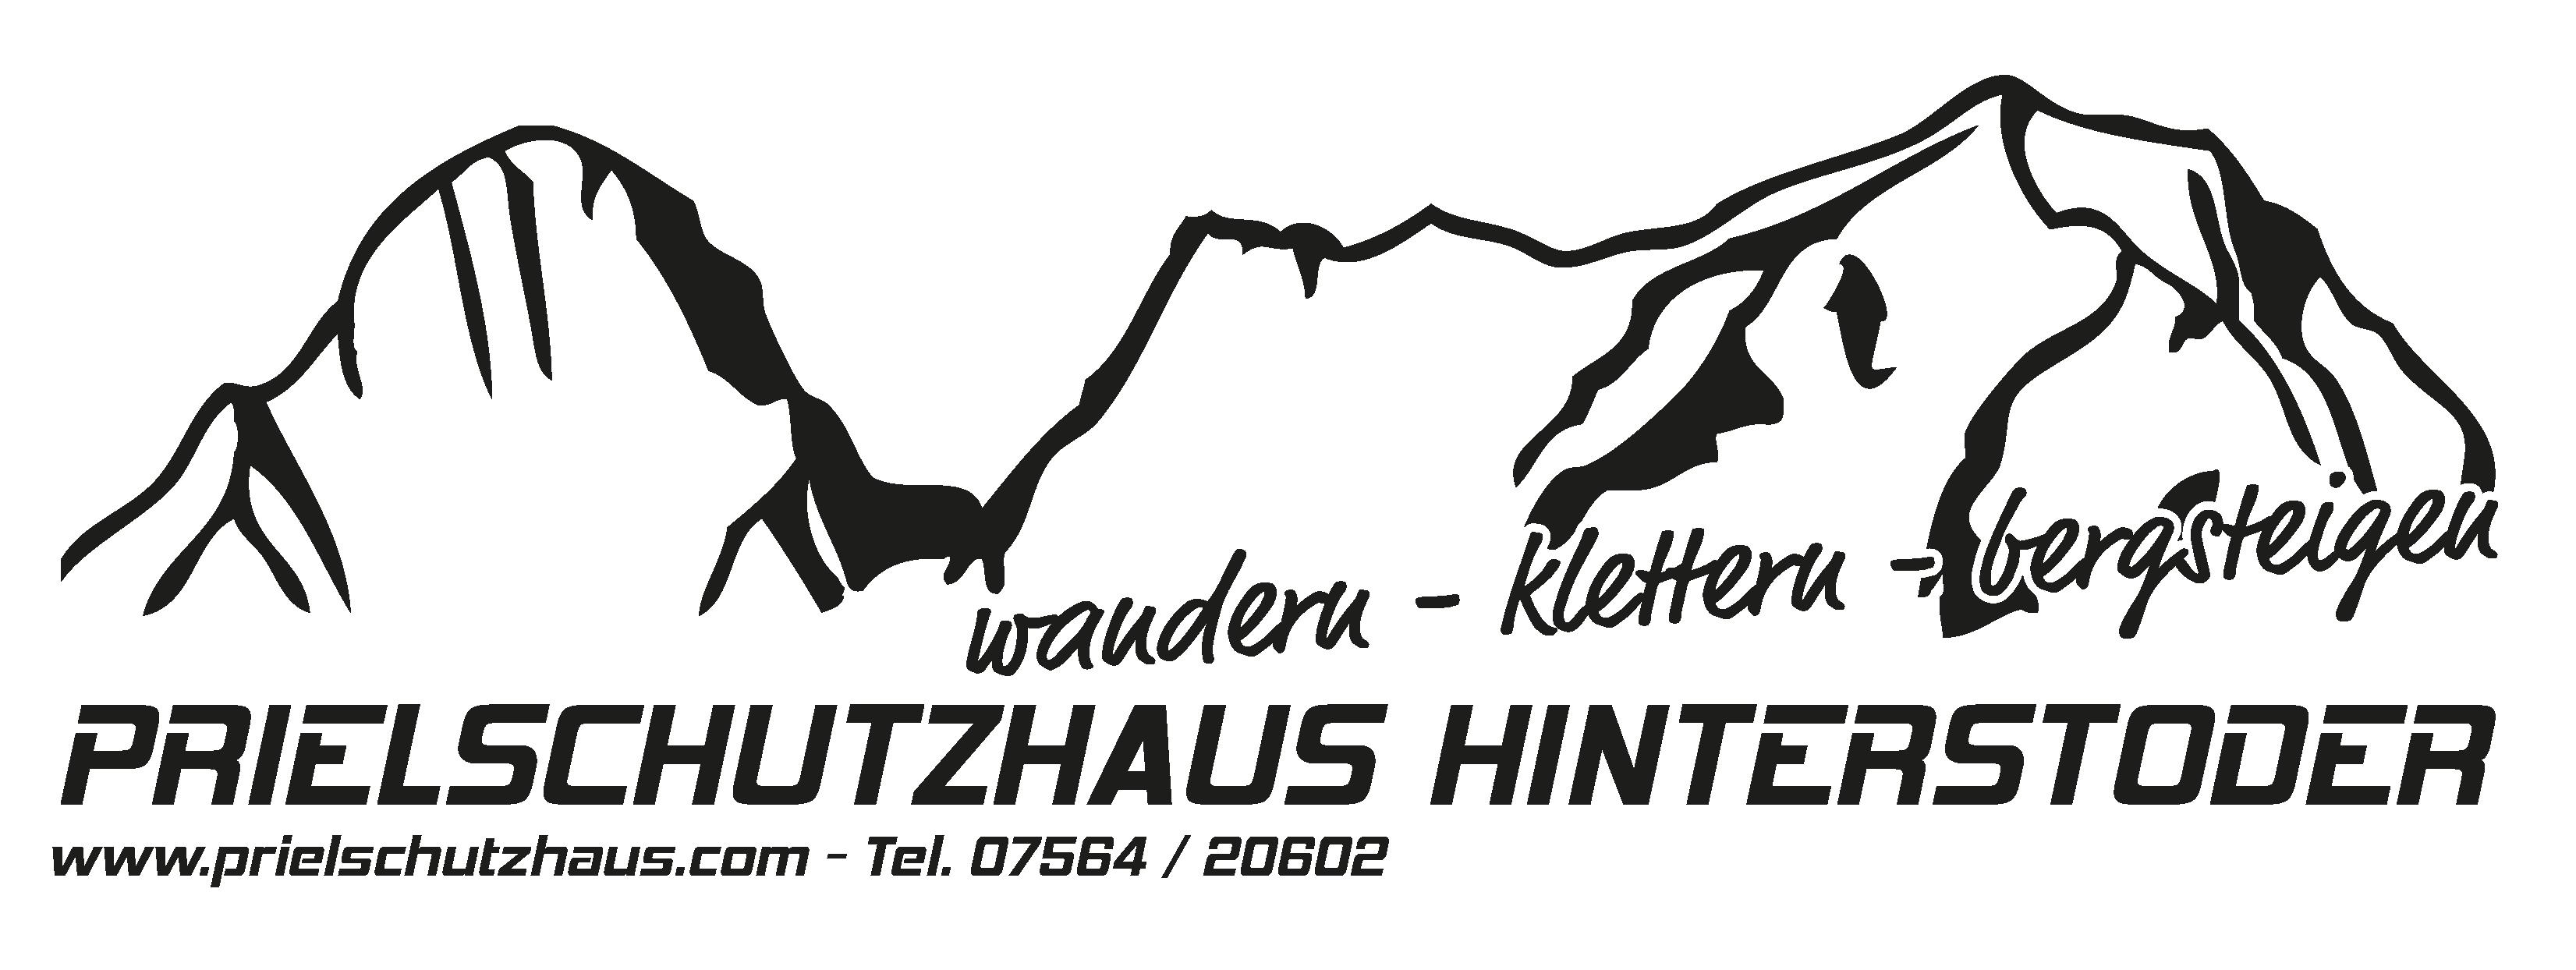 Prielschutzhaus - Schutzhütte Totes Gebirge